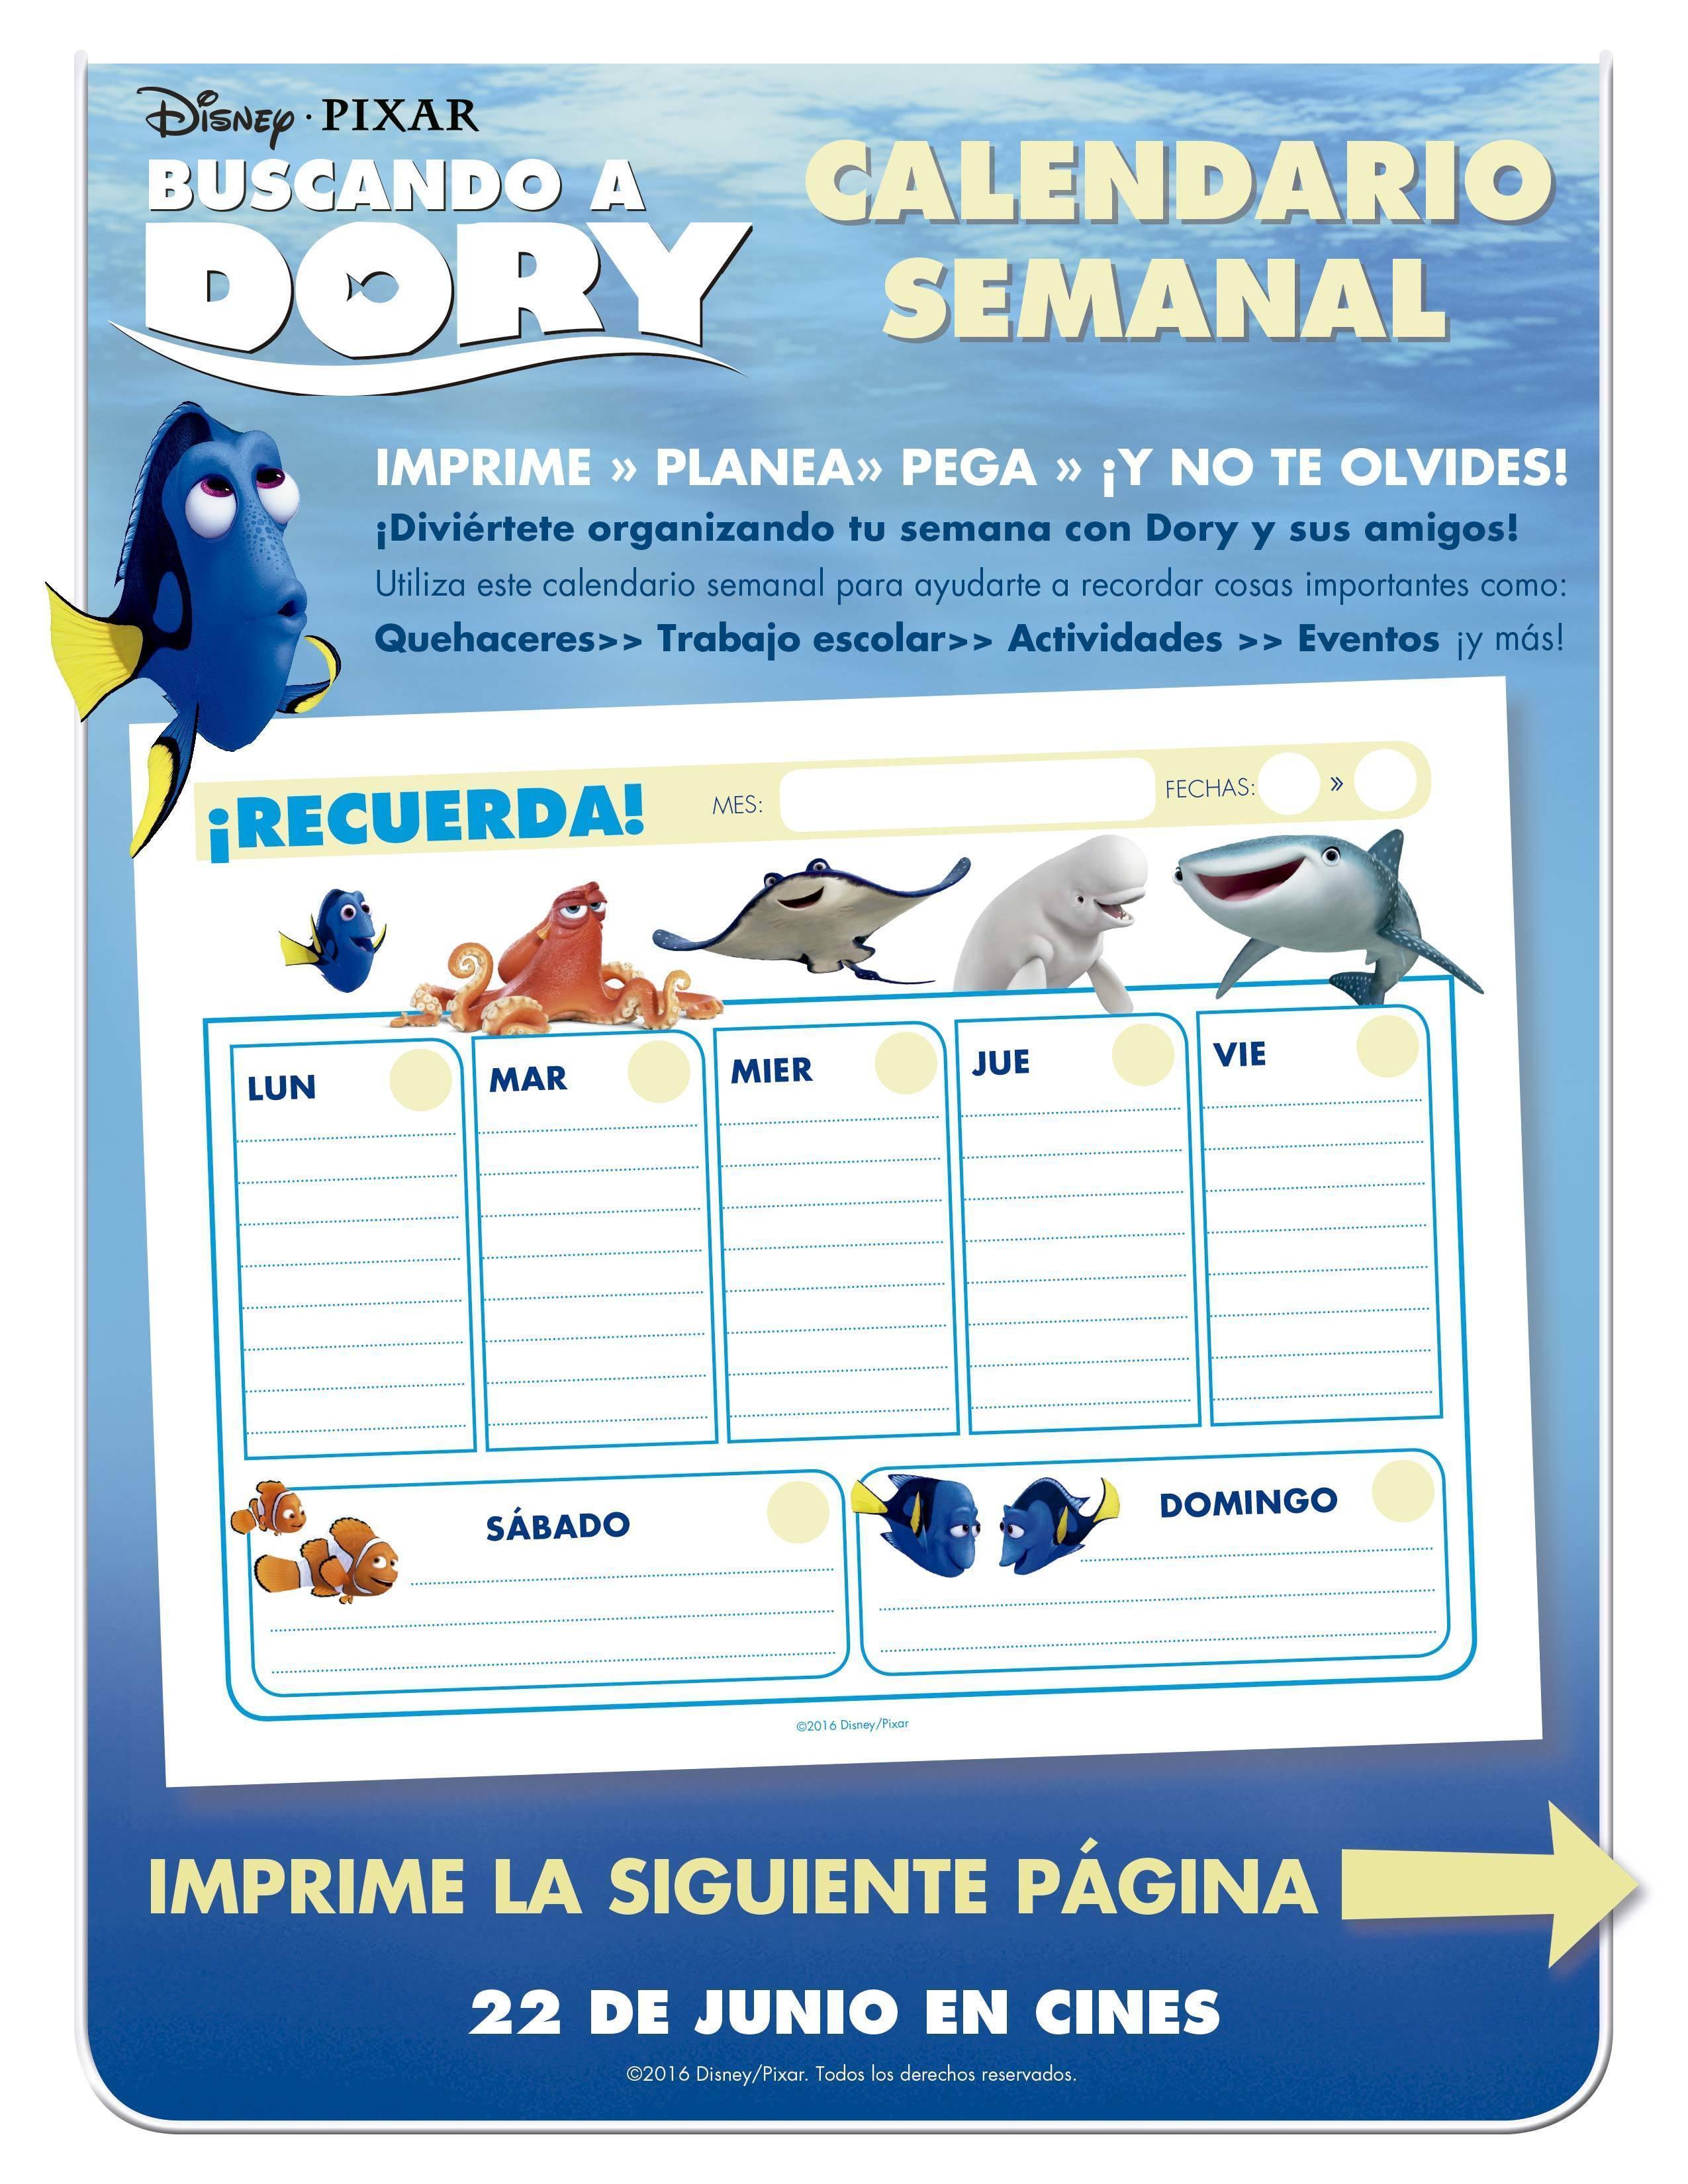 Buscando a Dory - Calendario Semanal